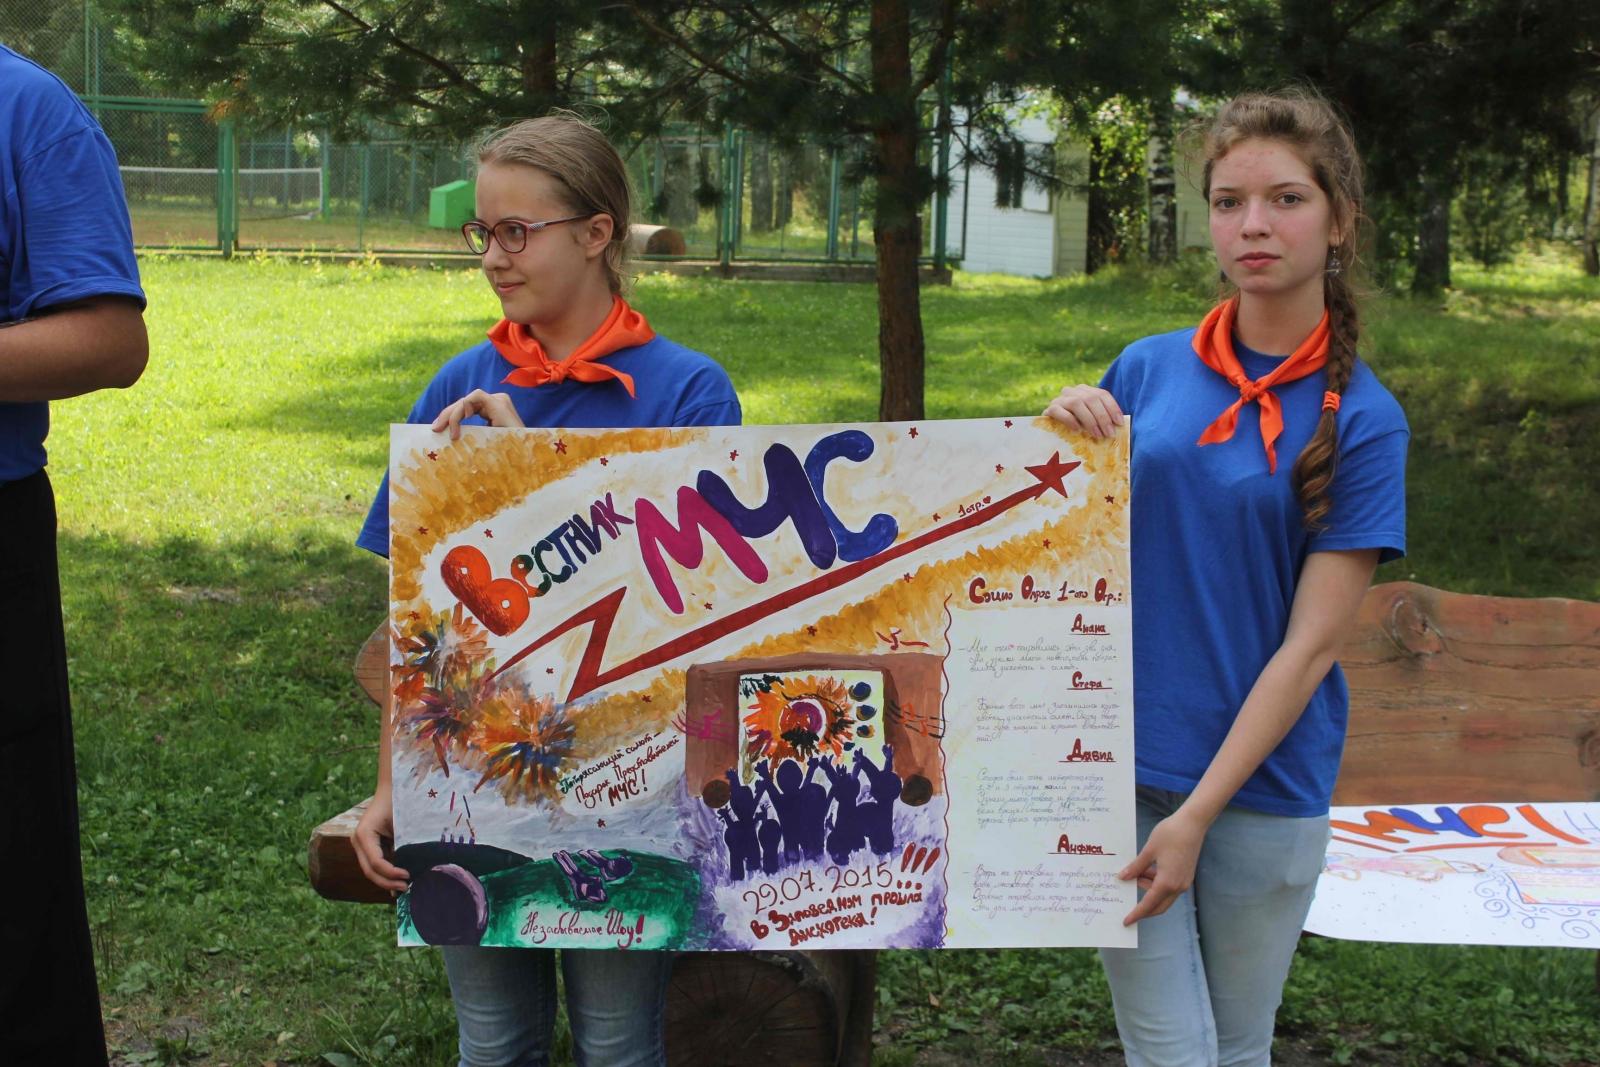 Закрытие полевого лагеря Главного управления МЧС России по Томской области. День третий, 31 июля 2015 года